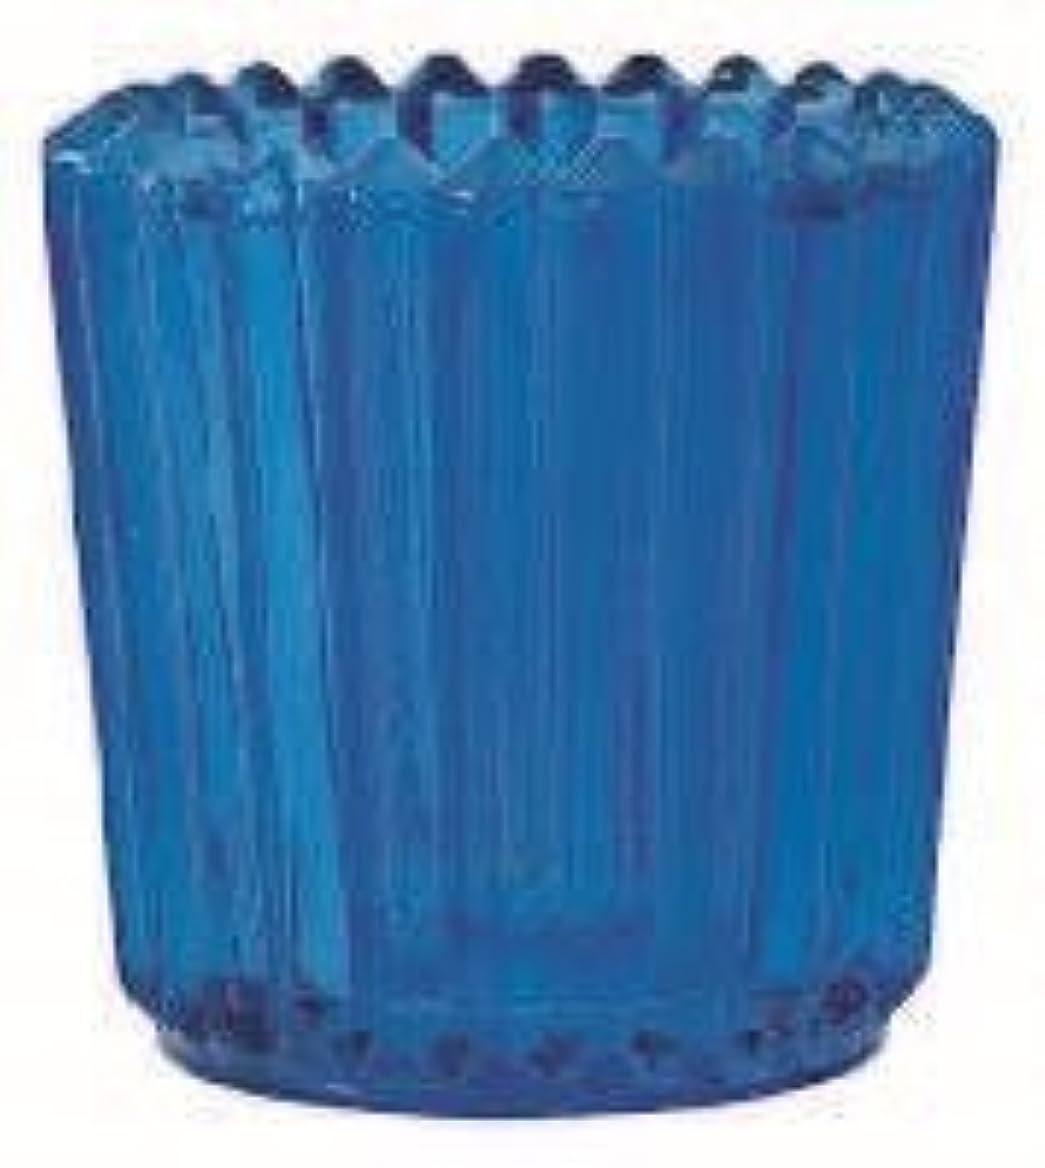 不変スタイルバルブkameyama candle(カメヤマキャンドル) ソレイユ 「 ブルー 」(J5120000BL)